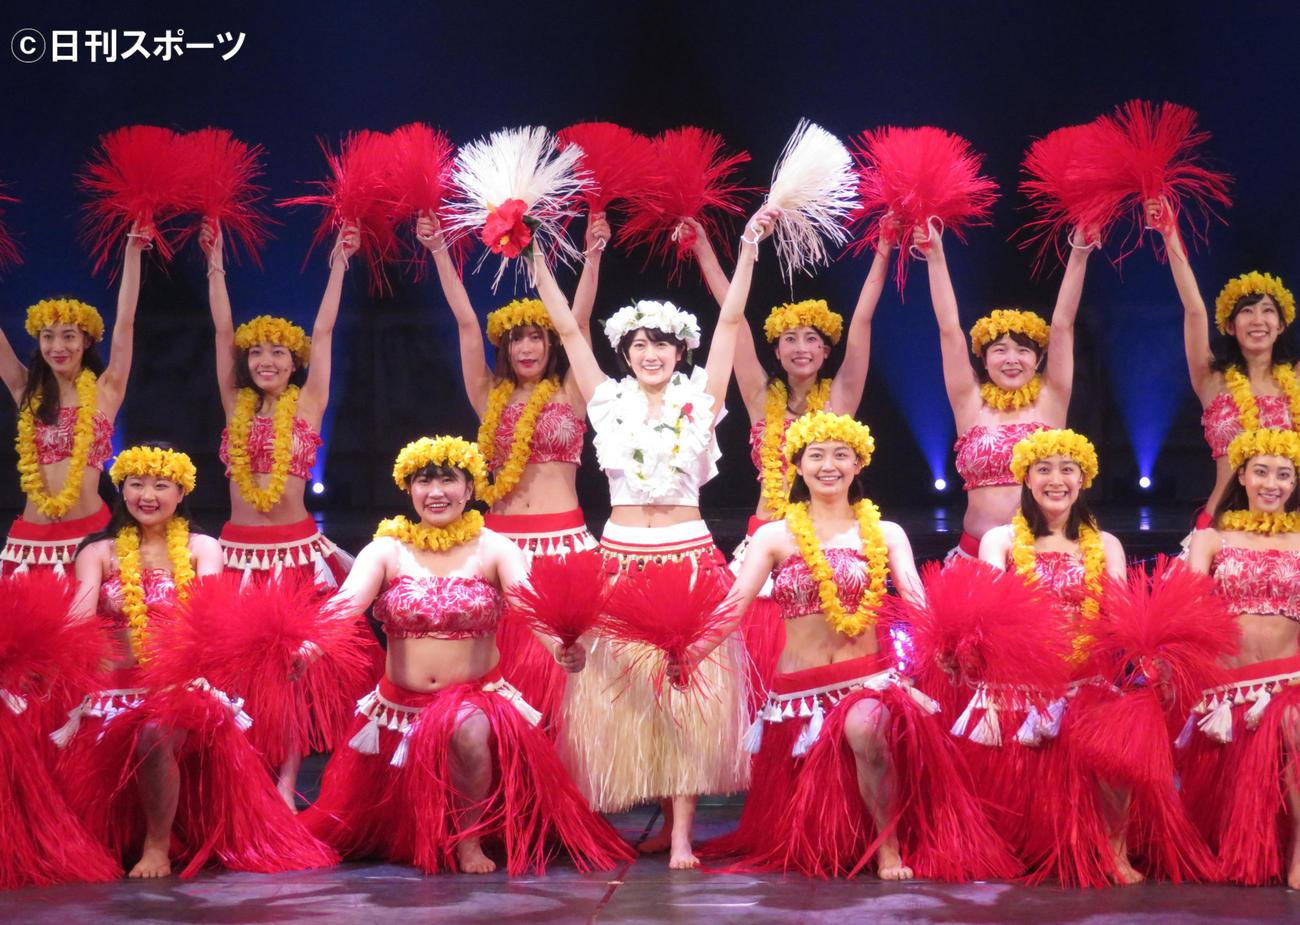 主演舞台「フラガール -dance for smile-」でフラダンスを披露する樋口日奈(中央)(撮影・横山慧)